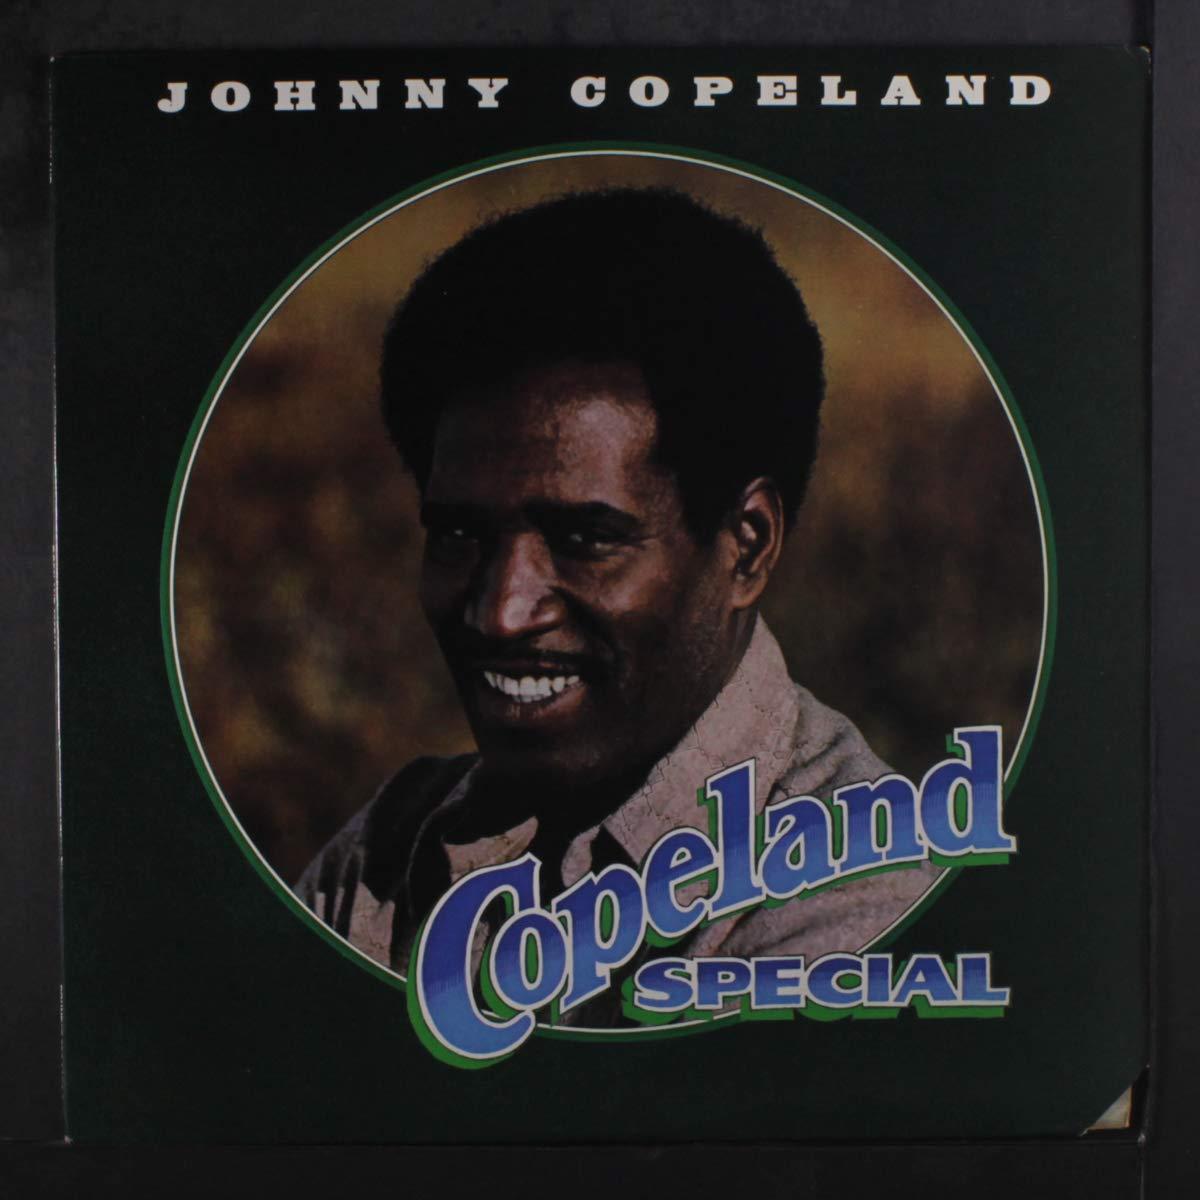 Copeland Special [Analog]                                                                                                                                                                                                                                                    <span class=